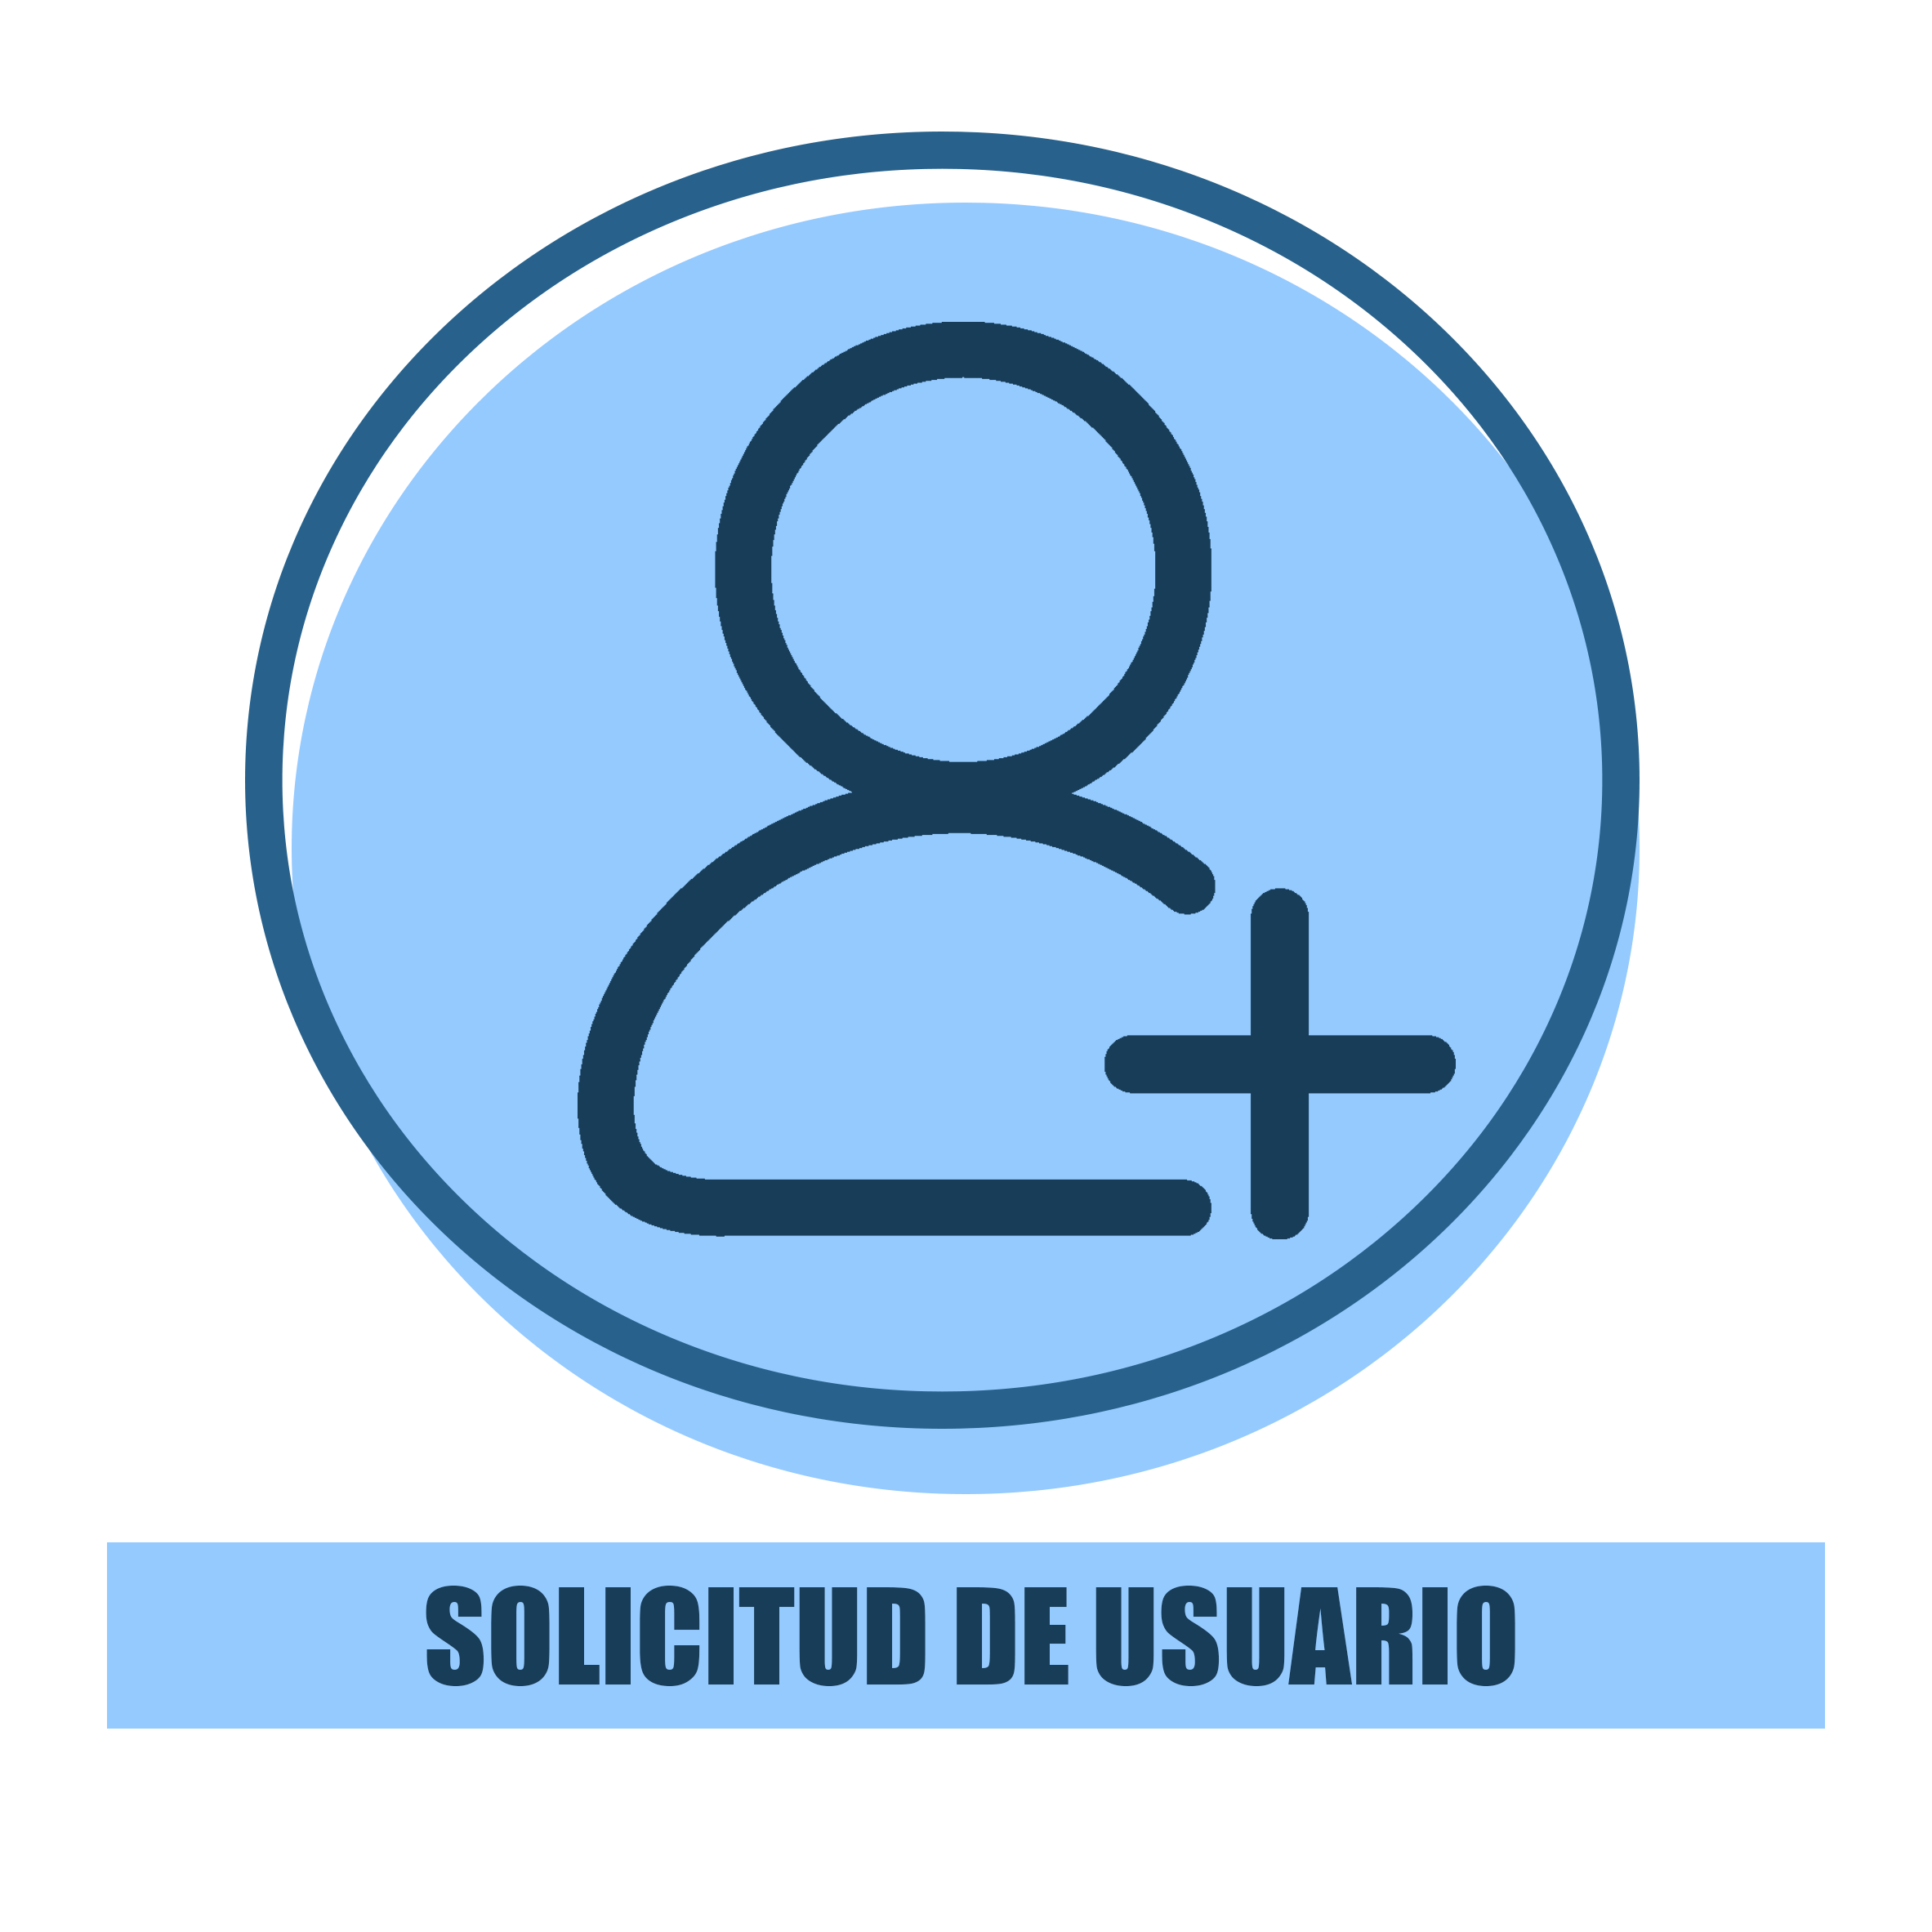 SOLICITUD DE USUARIO